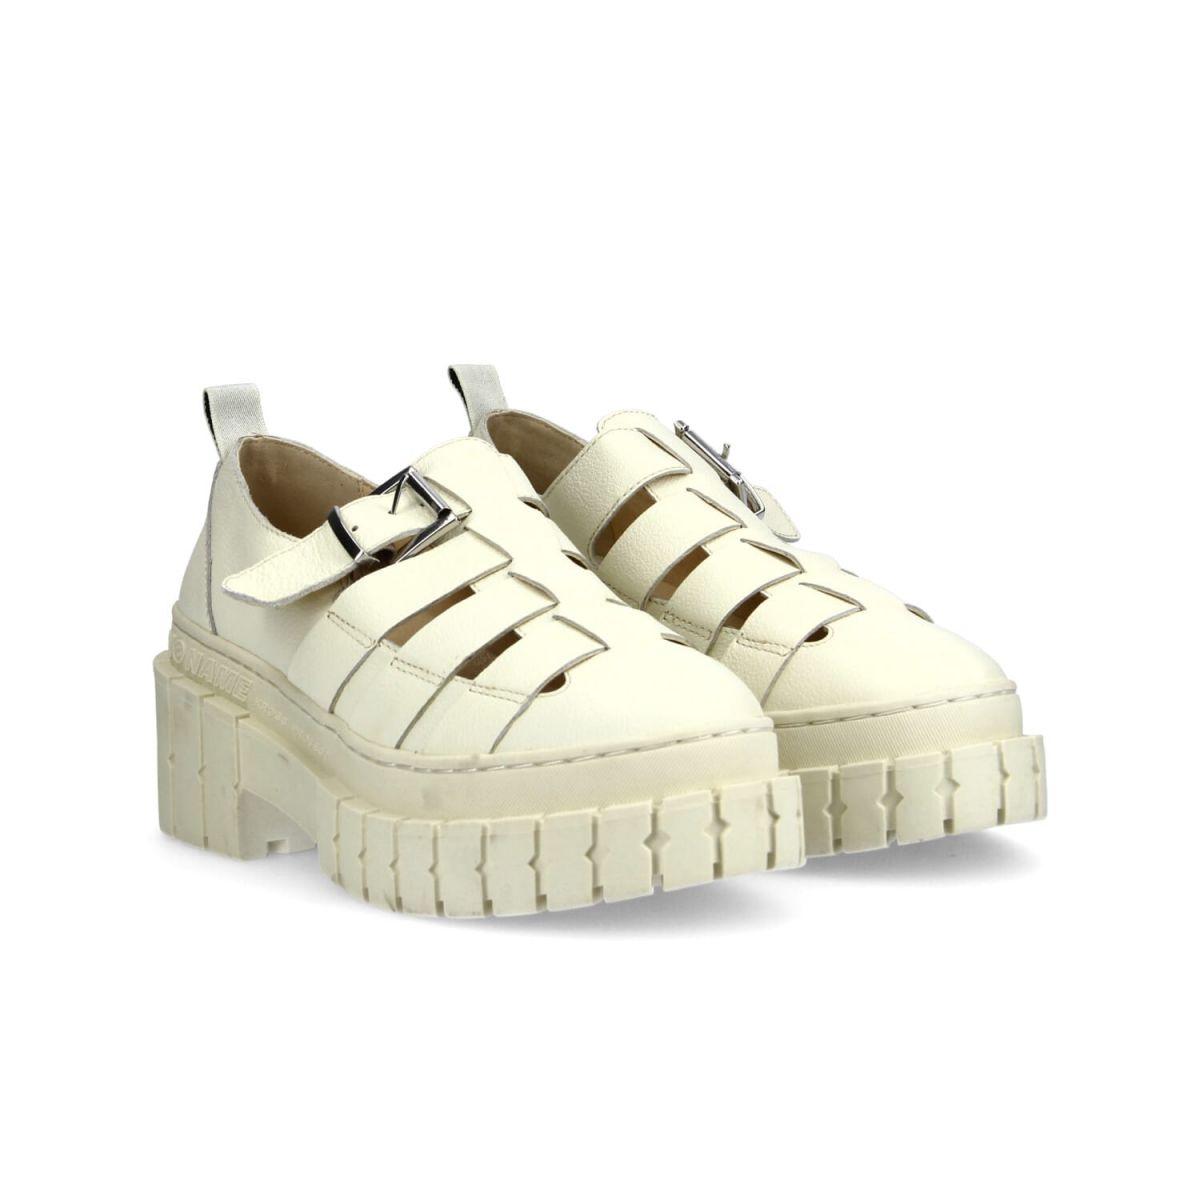 Sandales en cuir grainé et semelle crantée de 7,5 cm, No Name, 159€.